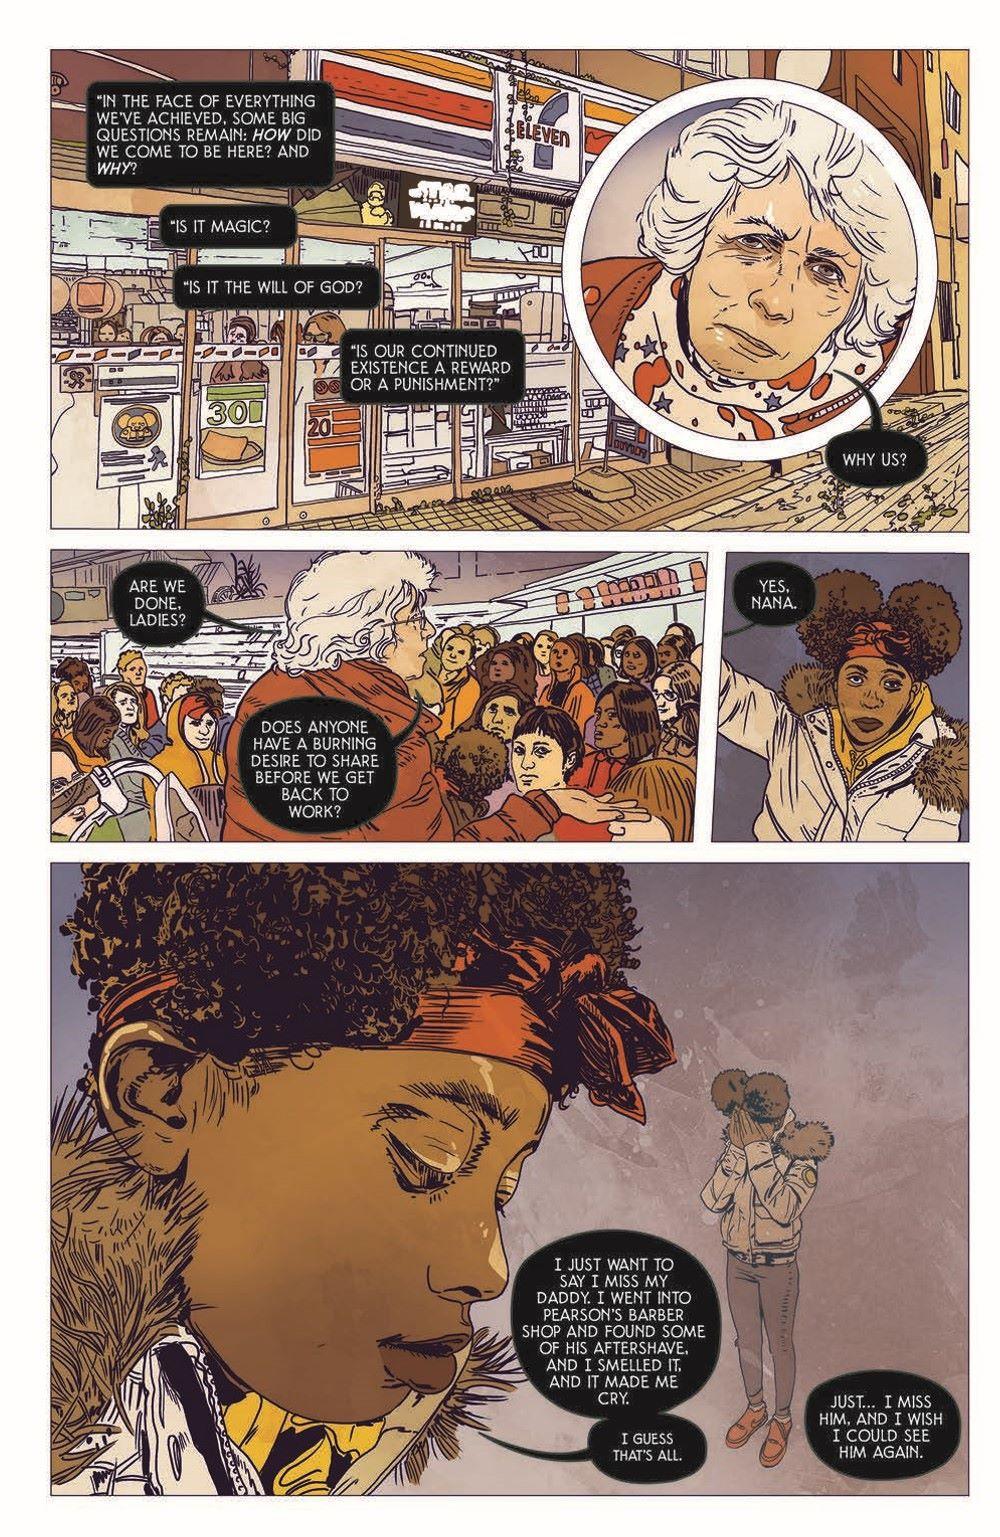 SleepingBeauties_06_pr-6 ComicList Previews: SLEEPING BEAUTIES #6 (OF 10)